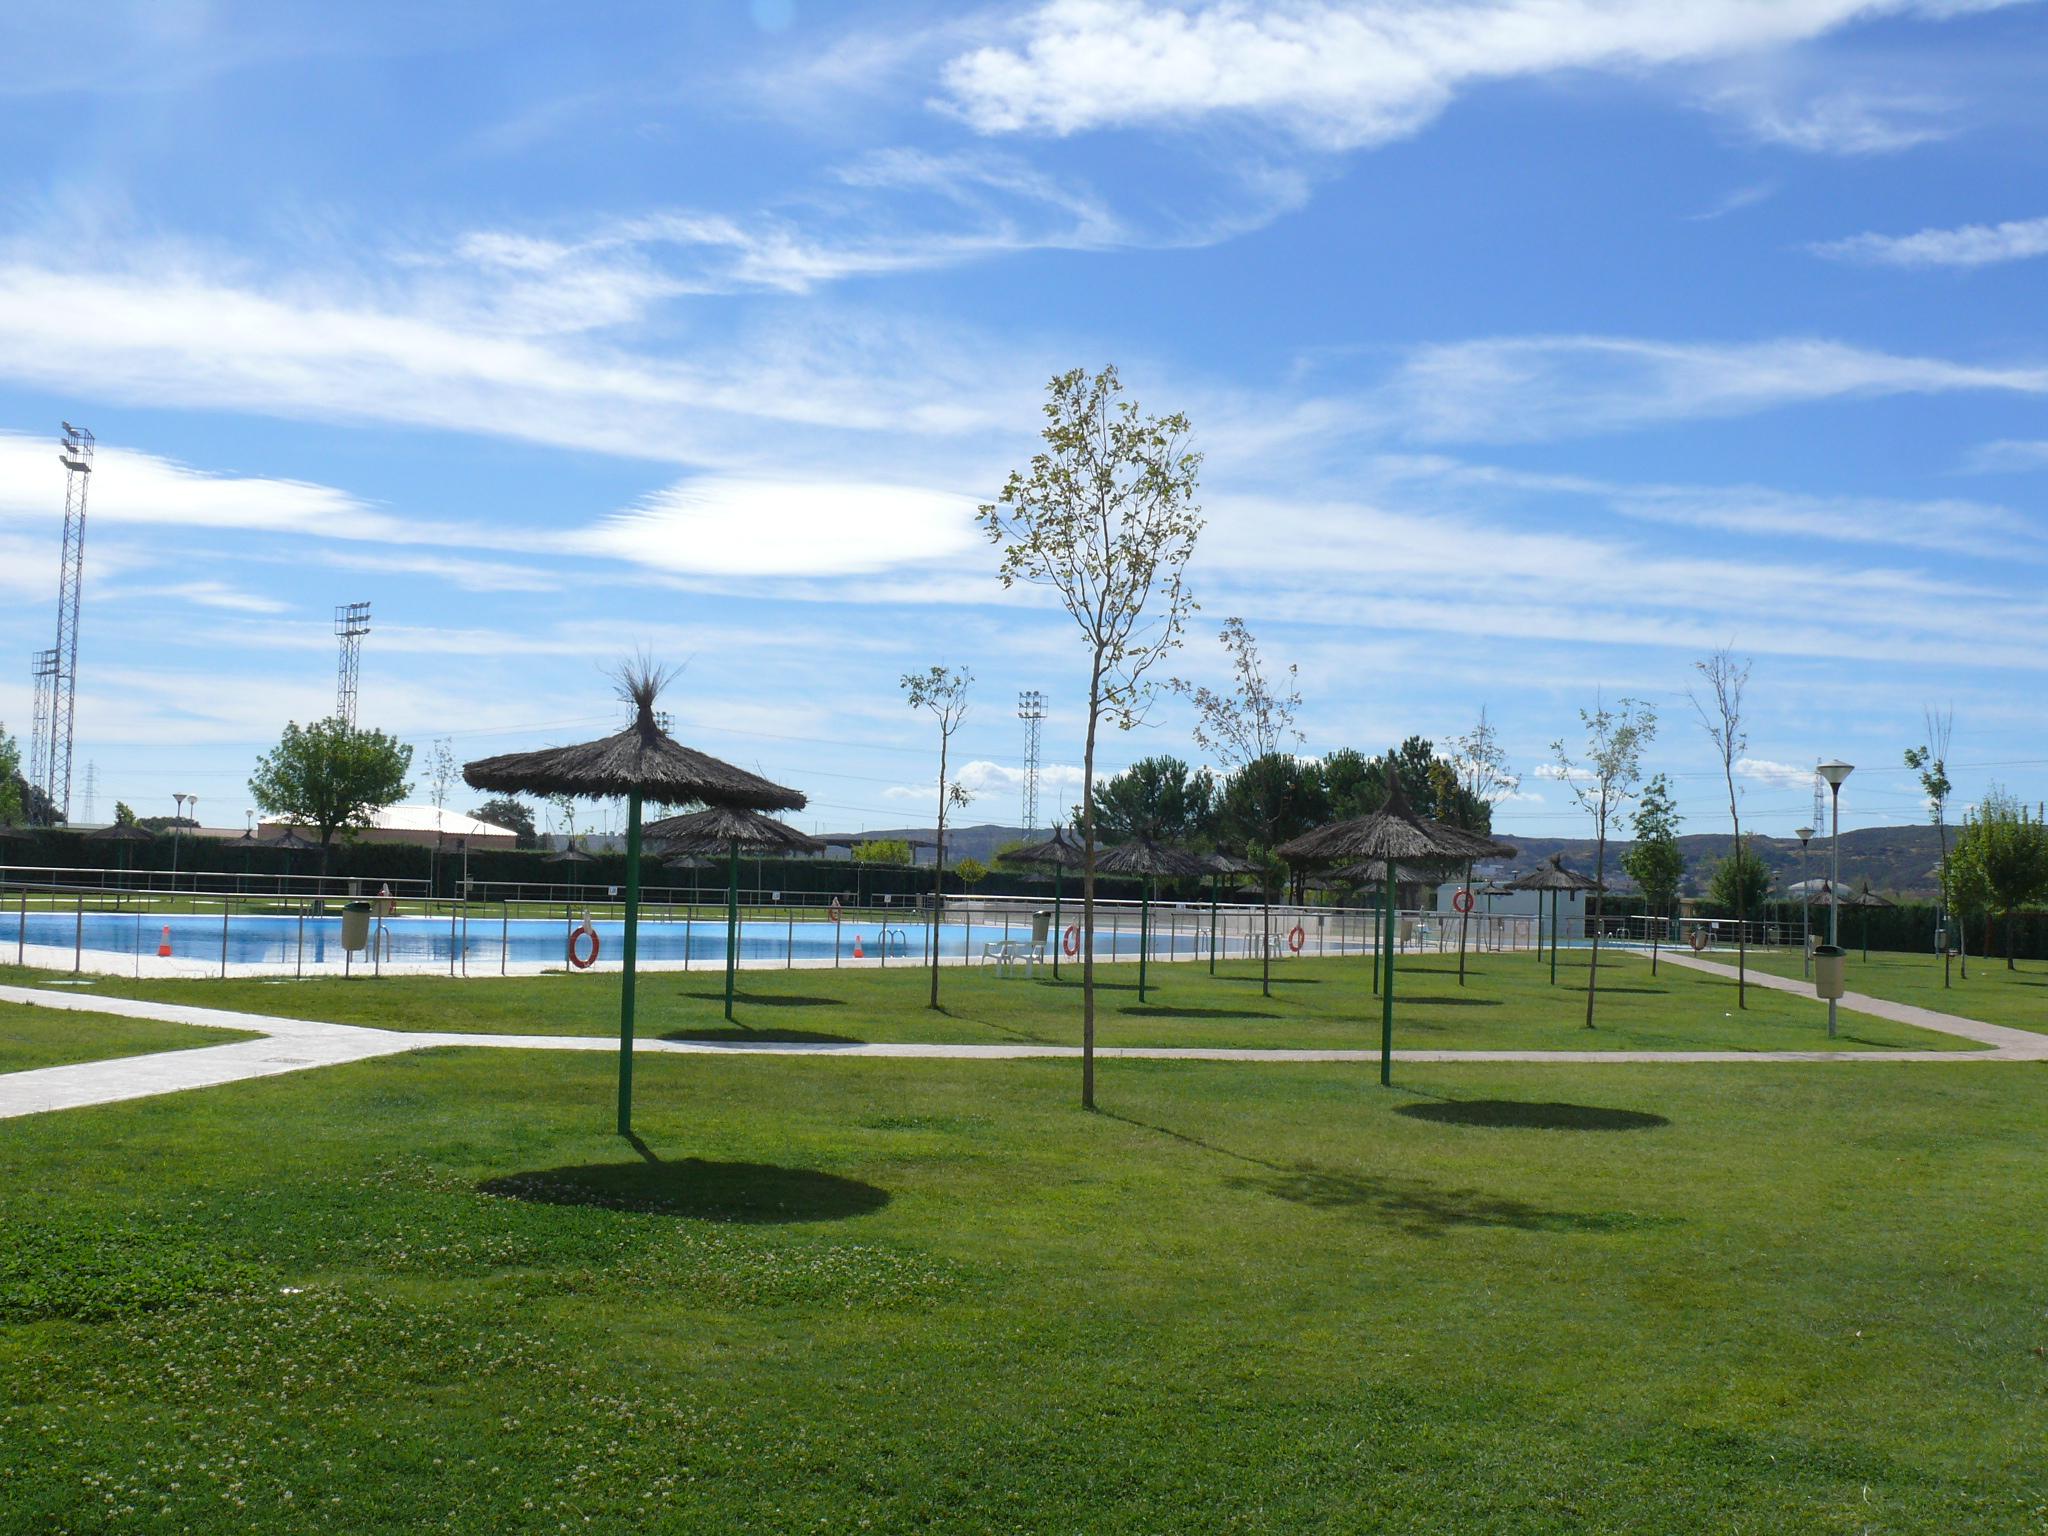 La piscina inicia el viernes la temporada con la for Piscina municipal caceres